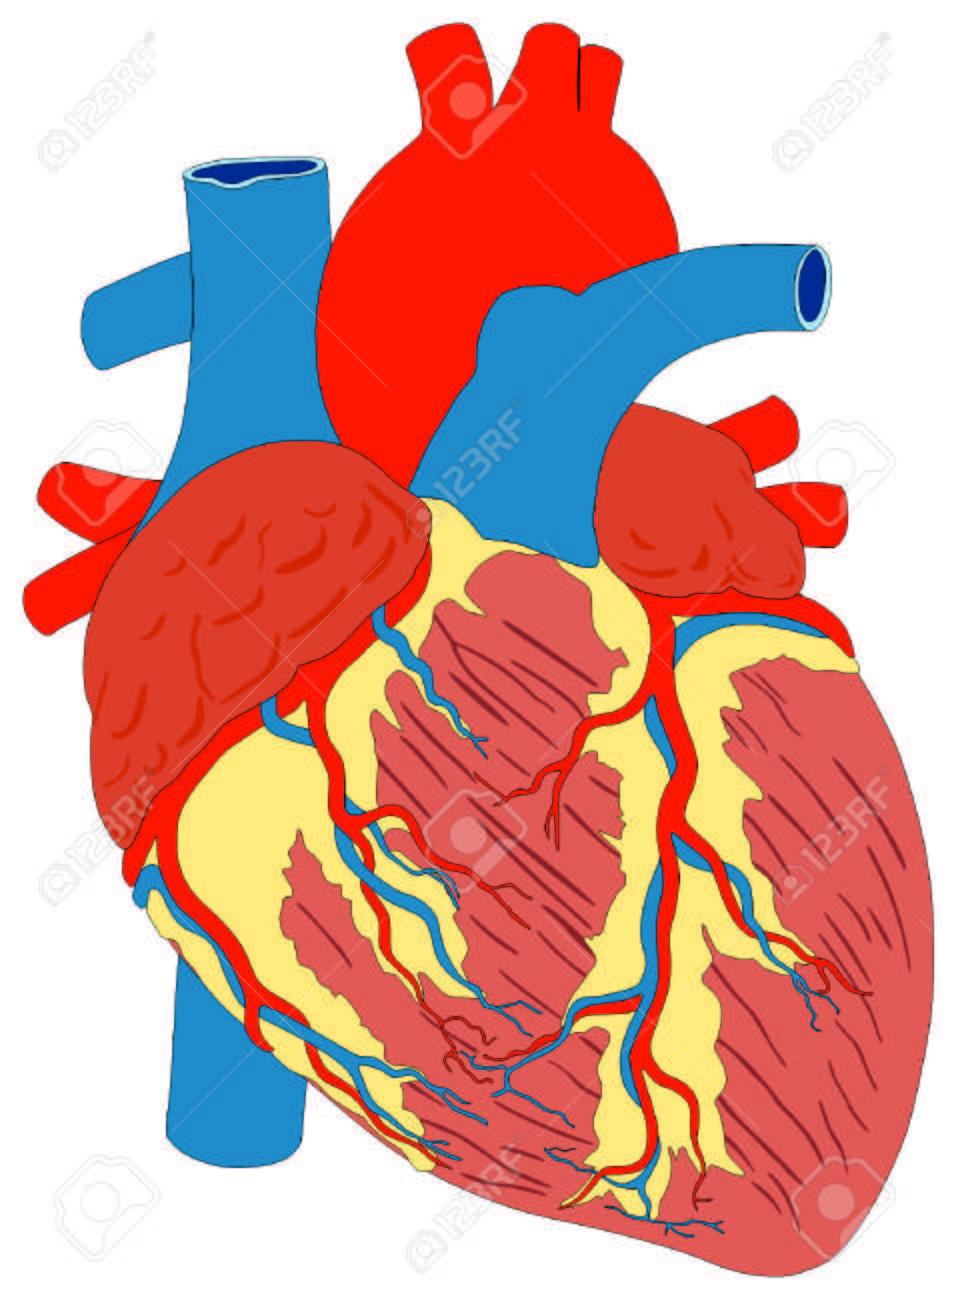 Músculo Del Corazón Humano Anatomía Bruto Diagrama Vectorial Vista ...